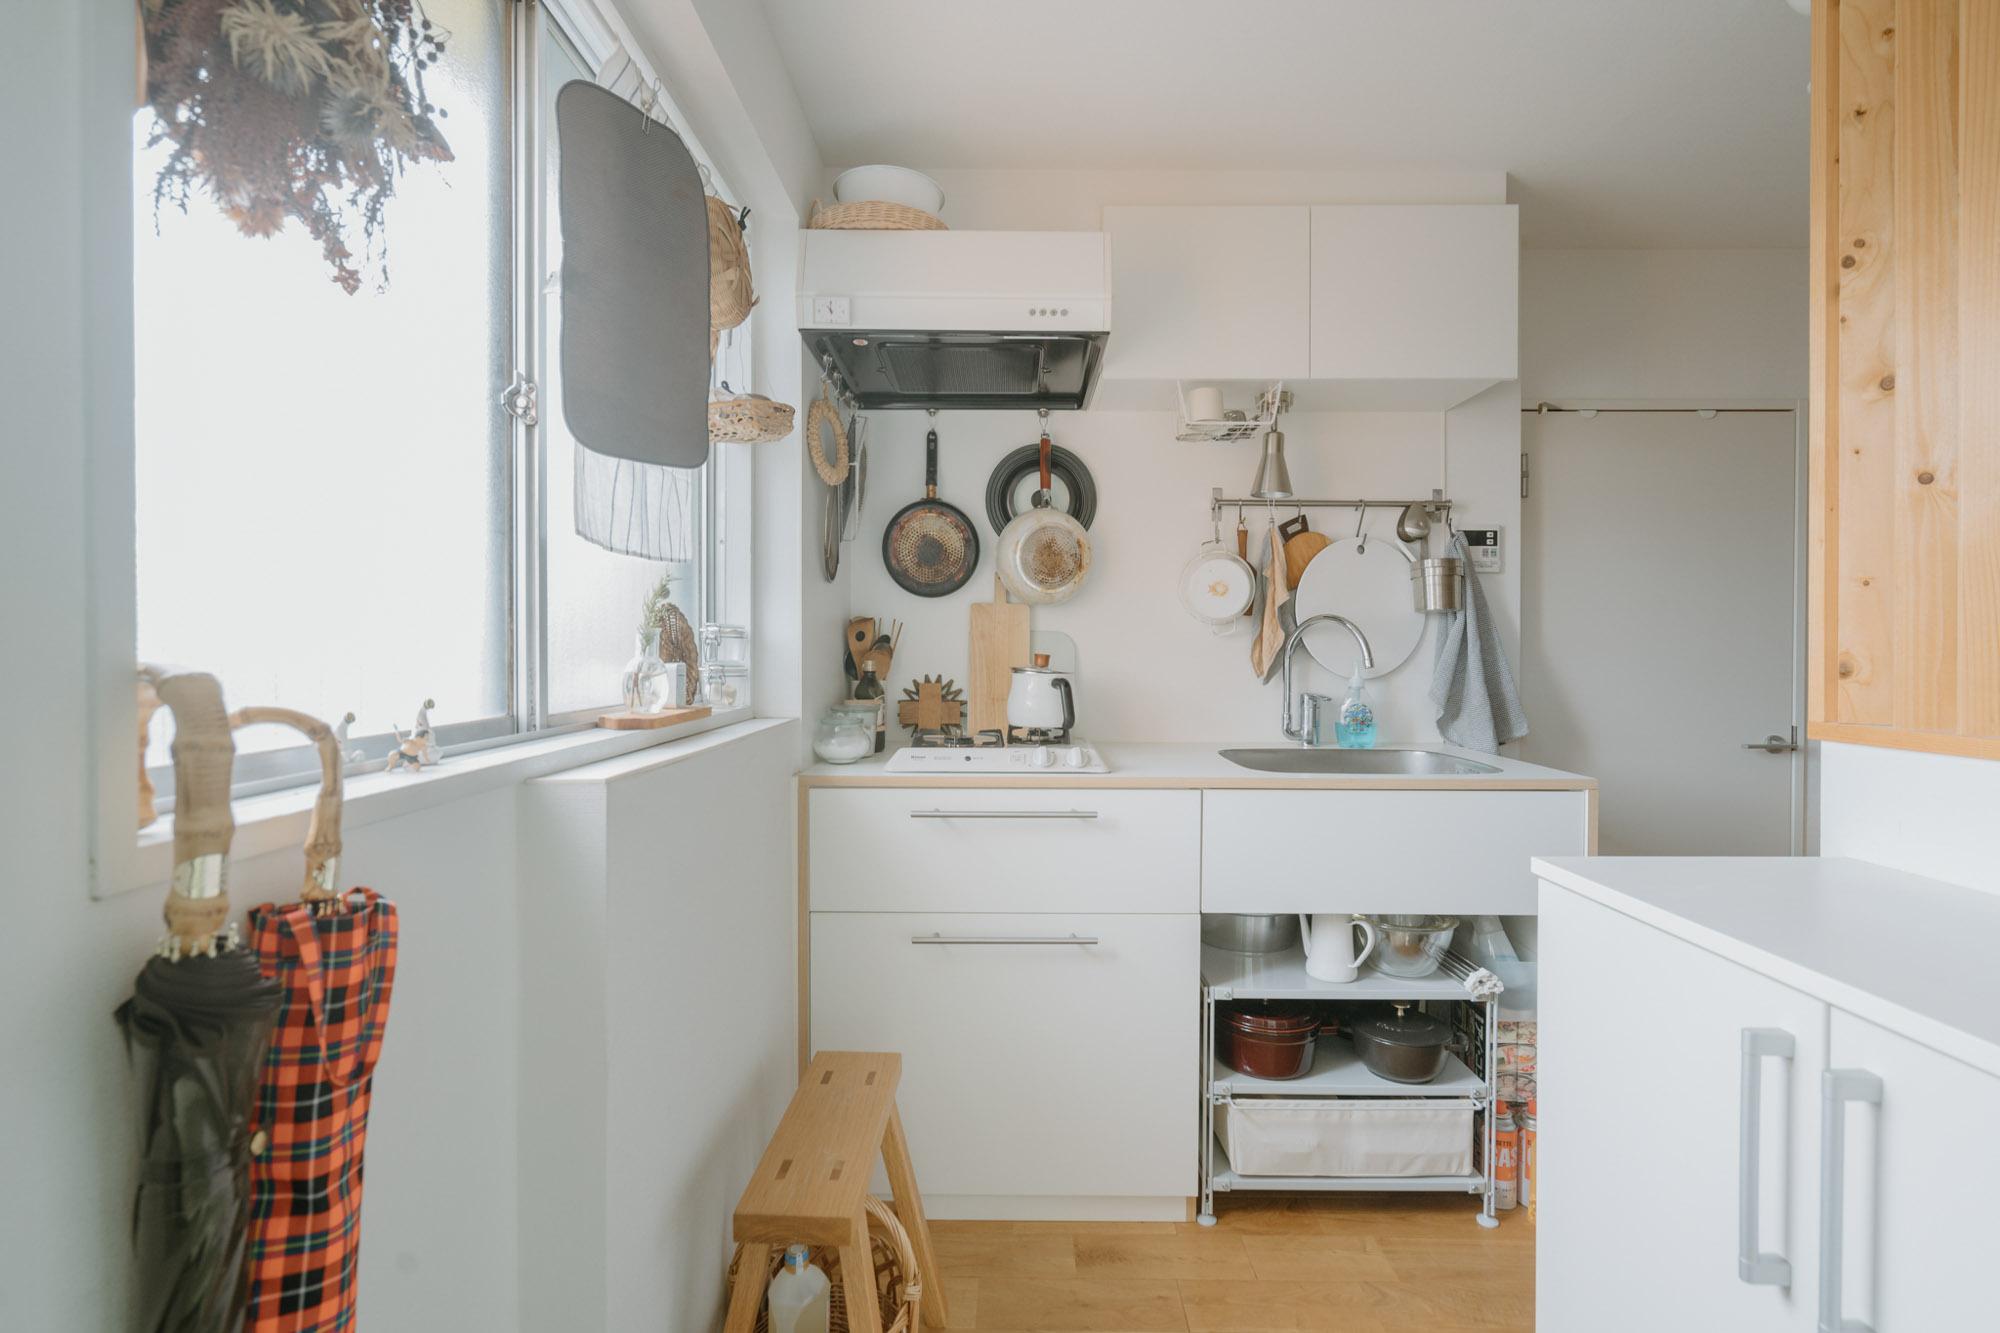 一人暮らし用の小さなキッチンですが、引っ掛ける収納などをうまく活用して使いこなしていらっしゃいます。